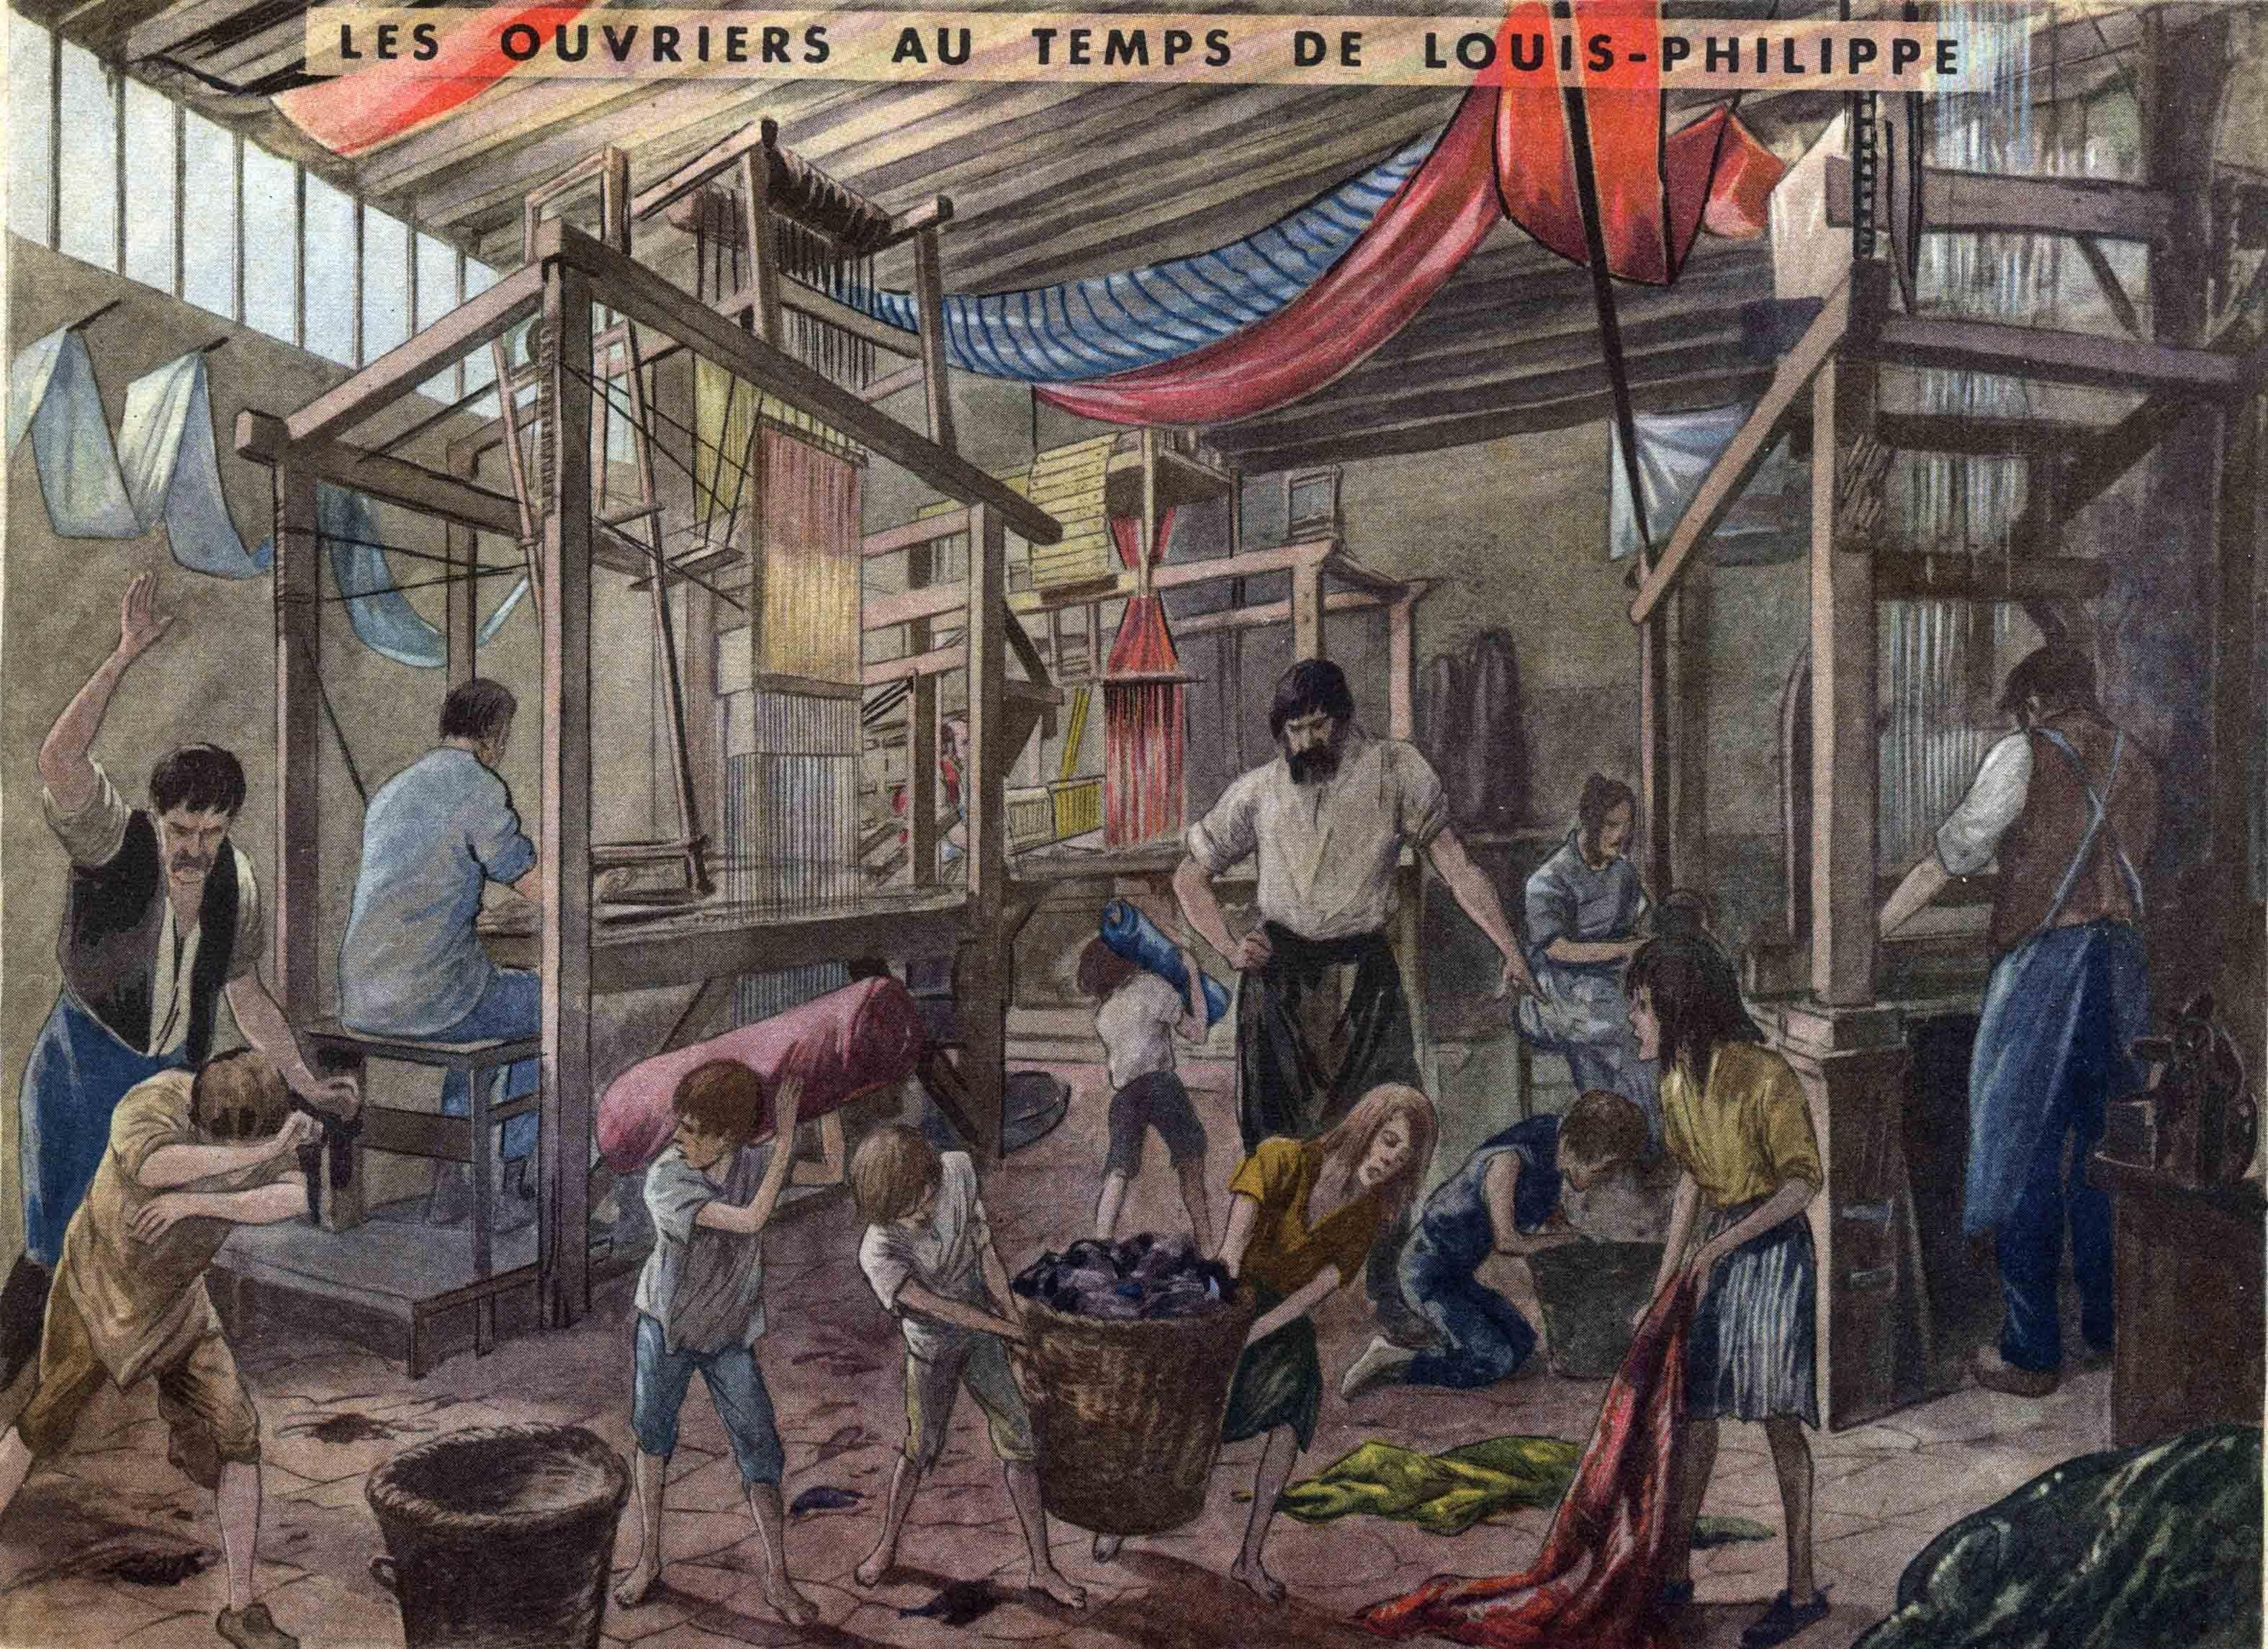 60 les ouvriers au temps de louis philippe